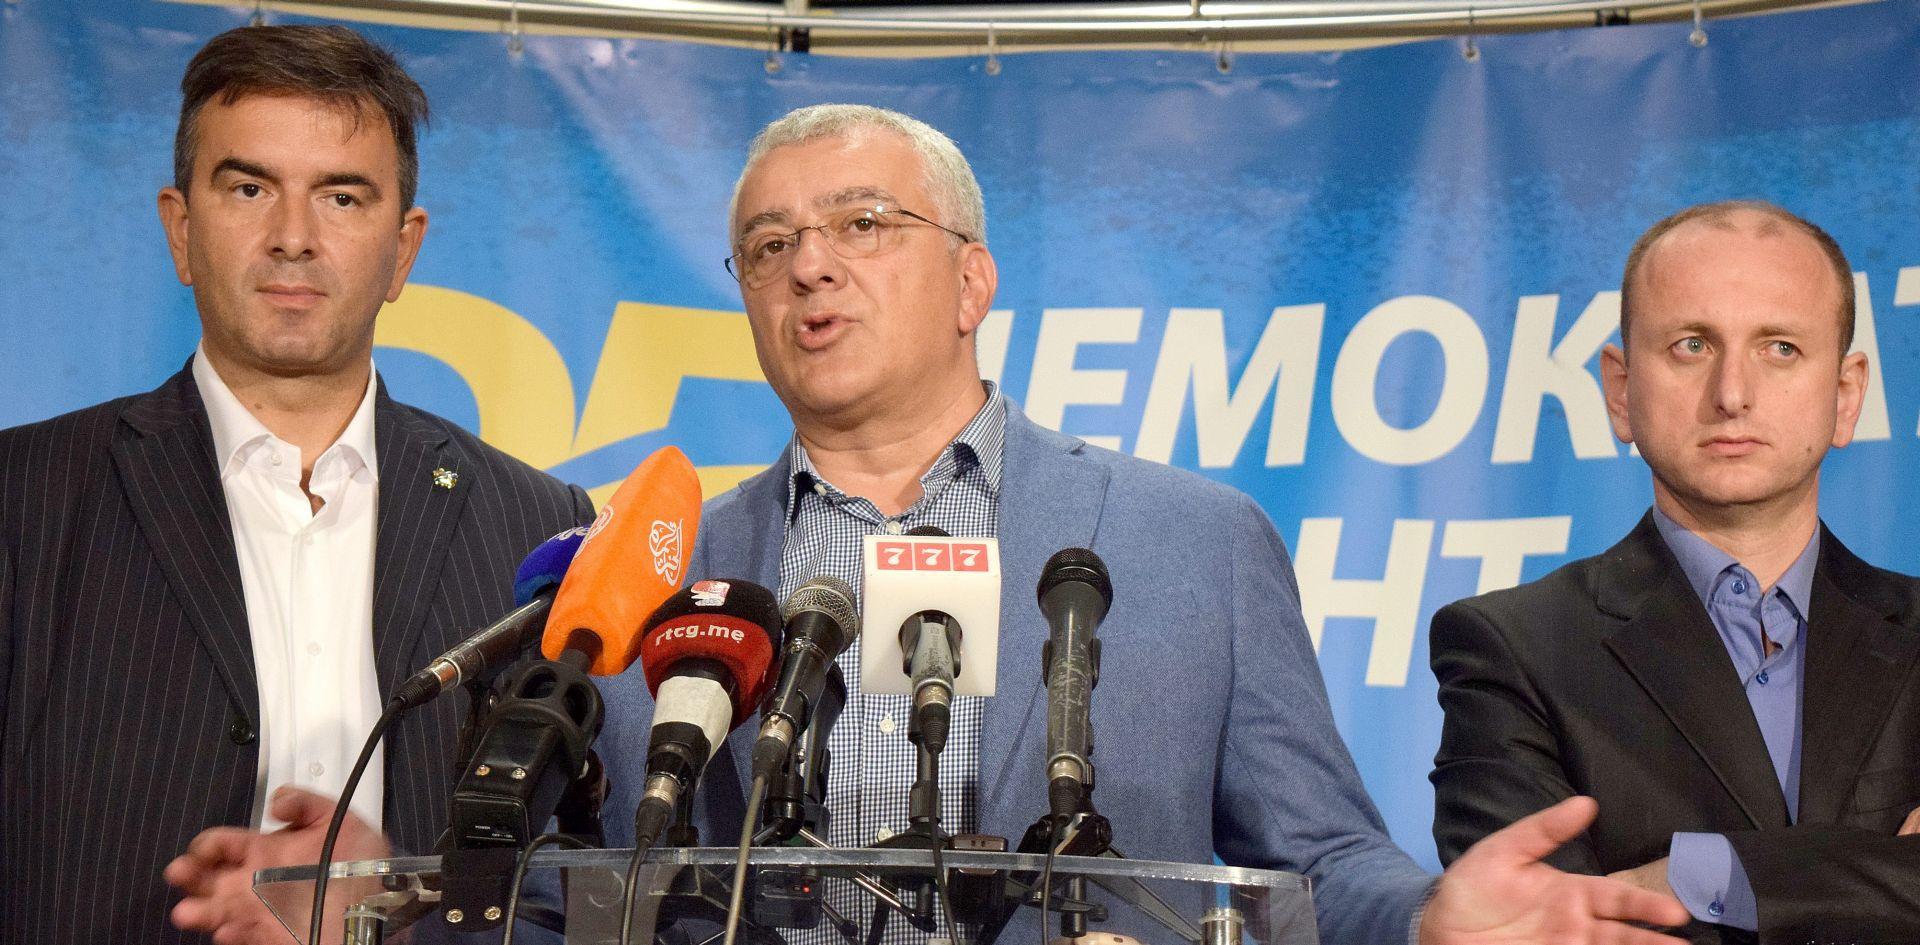 Crnogorska oporba ne priznaje rezultate izbora